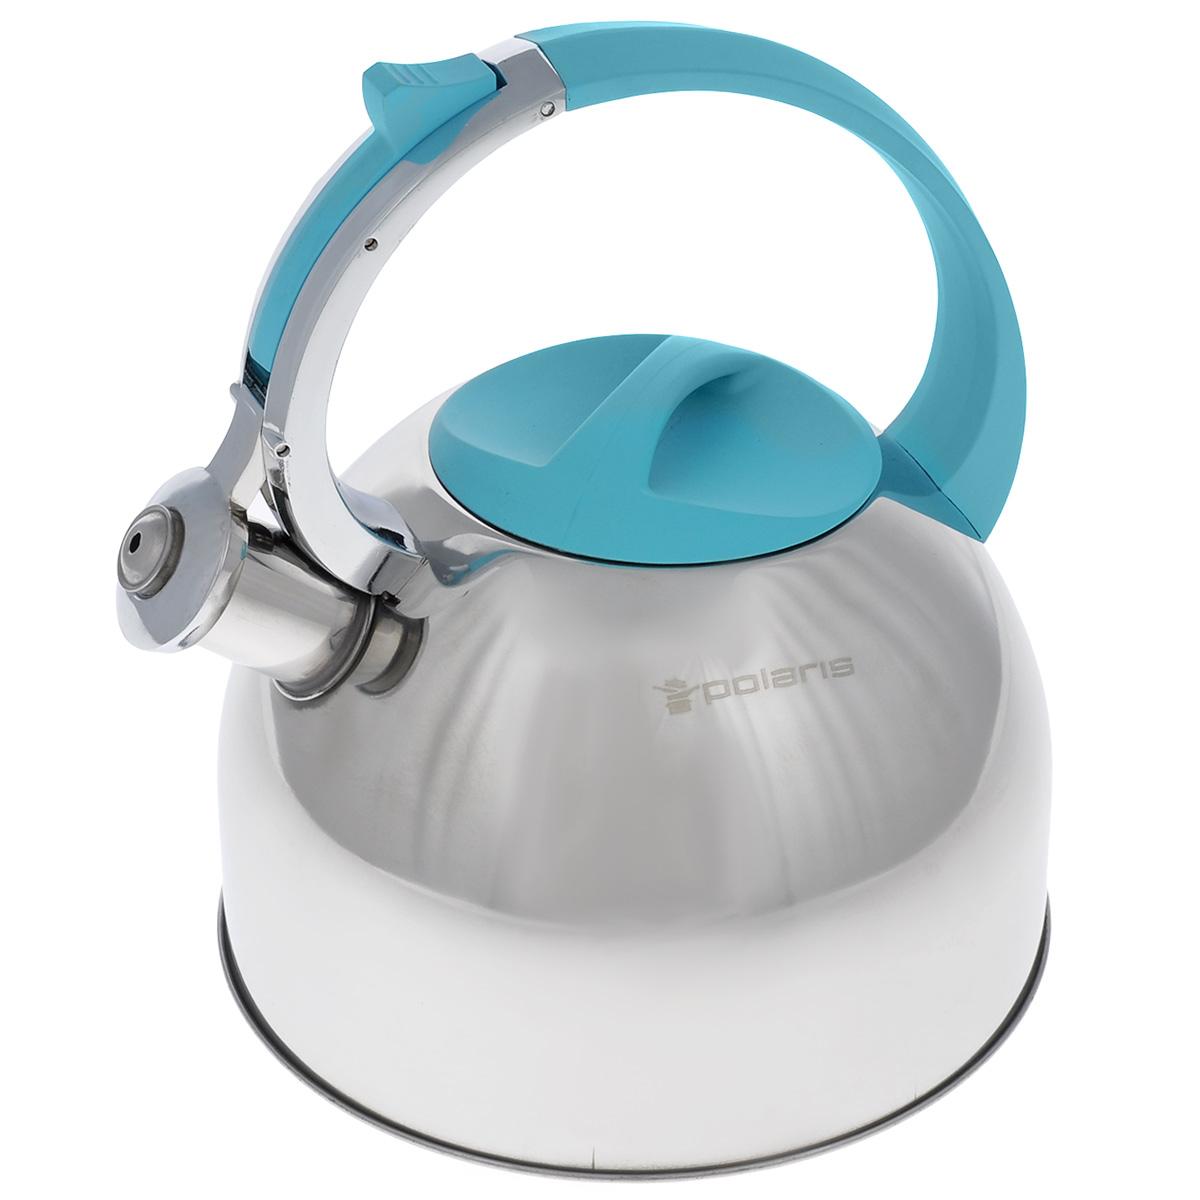 Чайник Polaris Sound со свистком, цвет: стальной, голубой, 3 лSound-3LЧайник Polaris Sound изготовлен из высококачественной нержавеющей стали 18/10. Съемная крышка позволяет легко наполнить чайник водой и обеспечить доступ для мытья. Чайник оповещает о вскипании мелодичным свистом. Клапан на носике открывается нажатием кнопки на ручке. Эргономичная ручка выполнена из бакелита с покрытием Soft touch, не нагревается и не скользит в руке.Зеркальная полировка придает посуде эстетичный вид.Подходит для всех типов плит, в том числе для индукционных.Высота стенок чайника: 14 см.Высота чайника (с учетом ручки): 24,5 см.